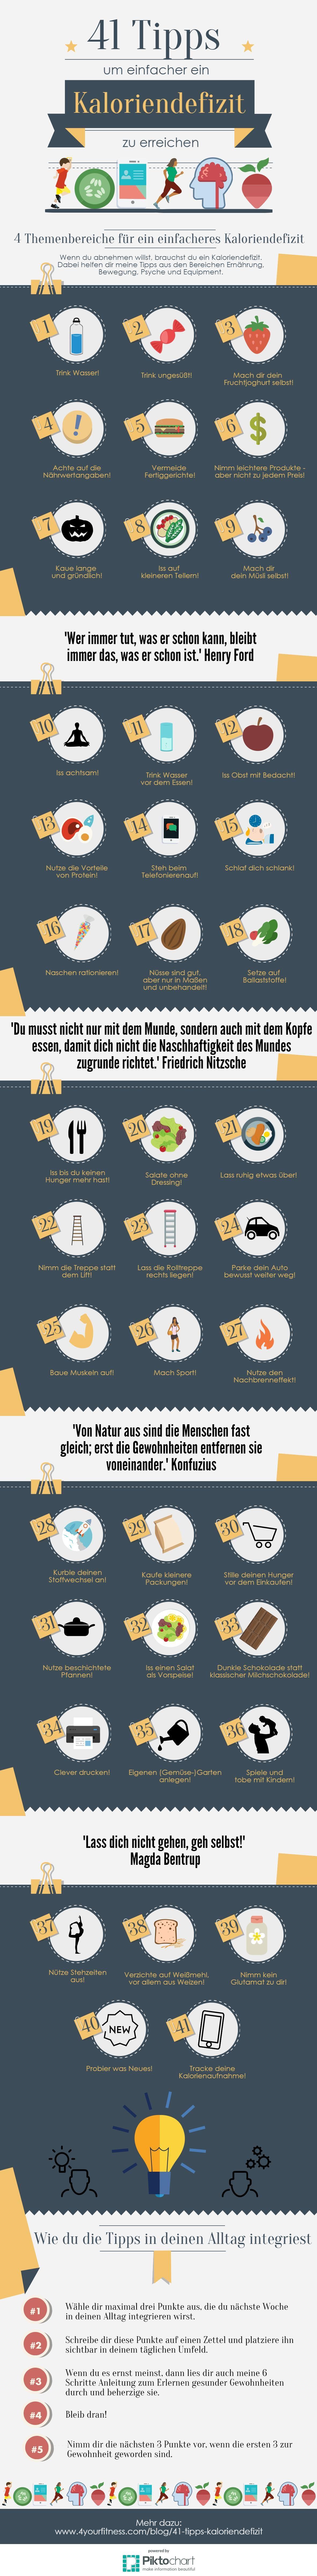 Photo of Die 41 besten Tipps um ein Kaloriendefizit zu erreichen